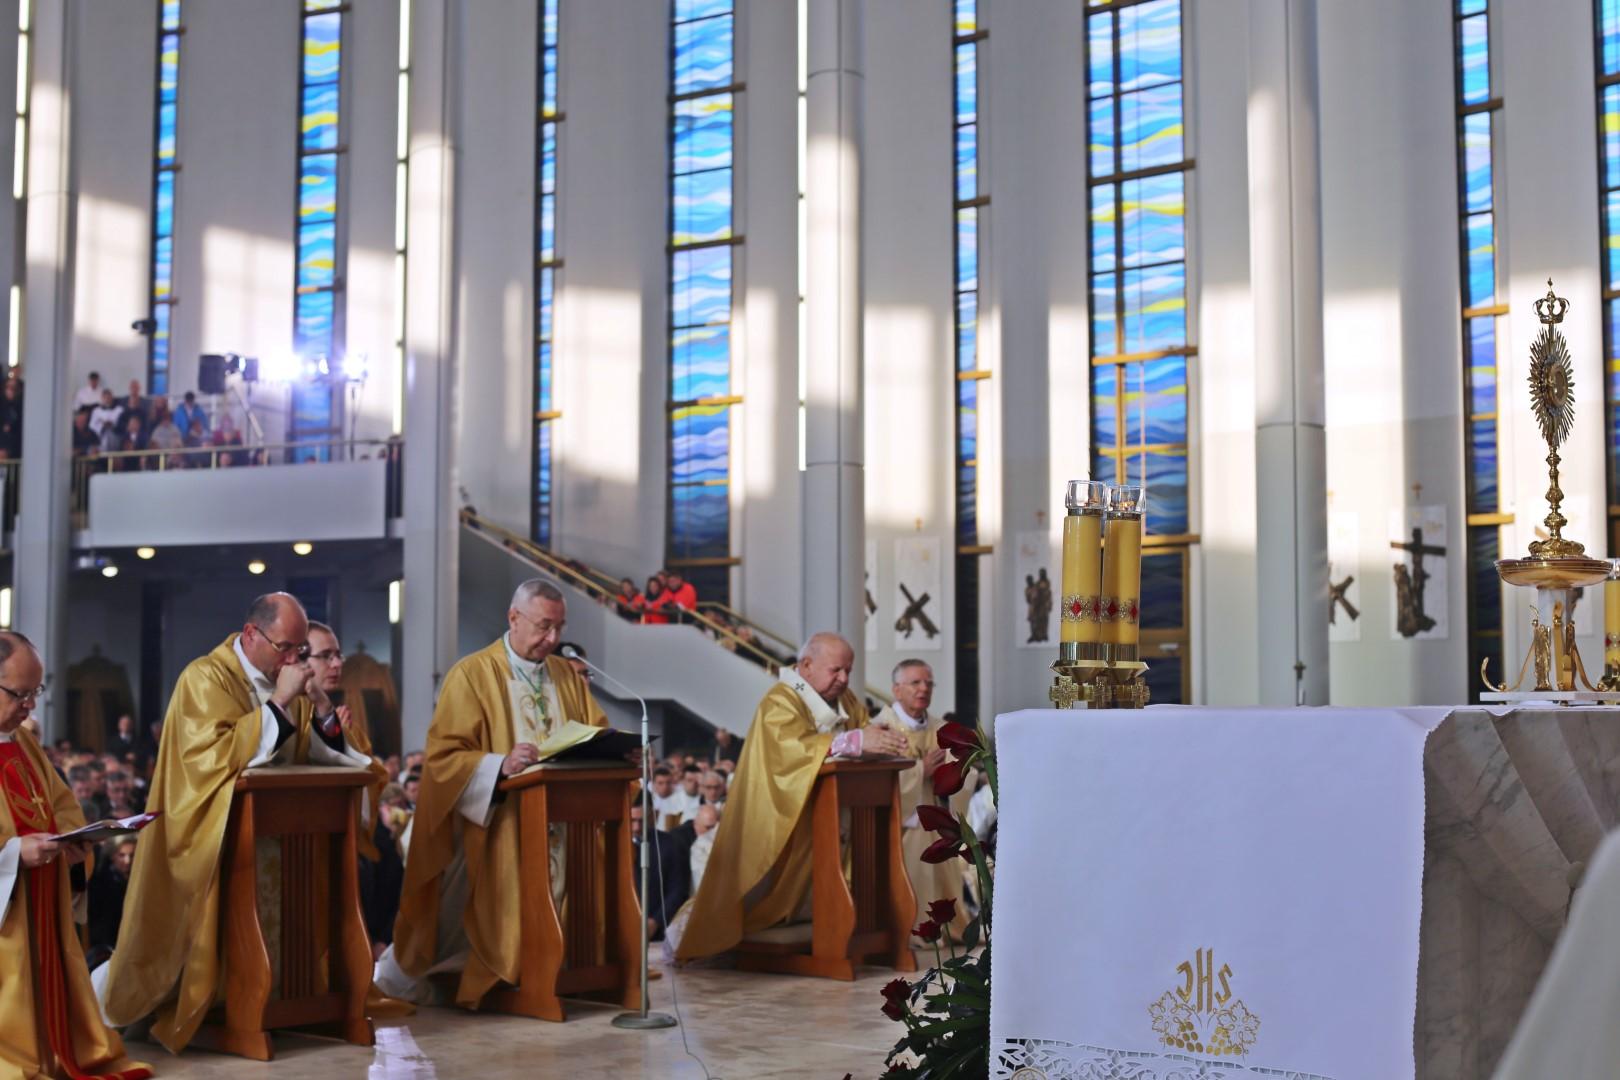 Fot. Eliza Bartkiewicz / episkopat.pl